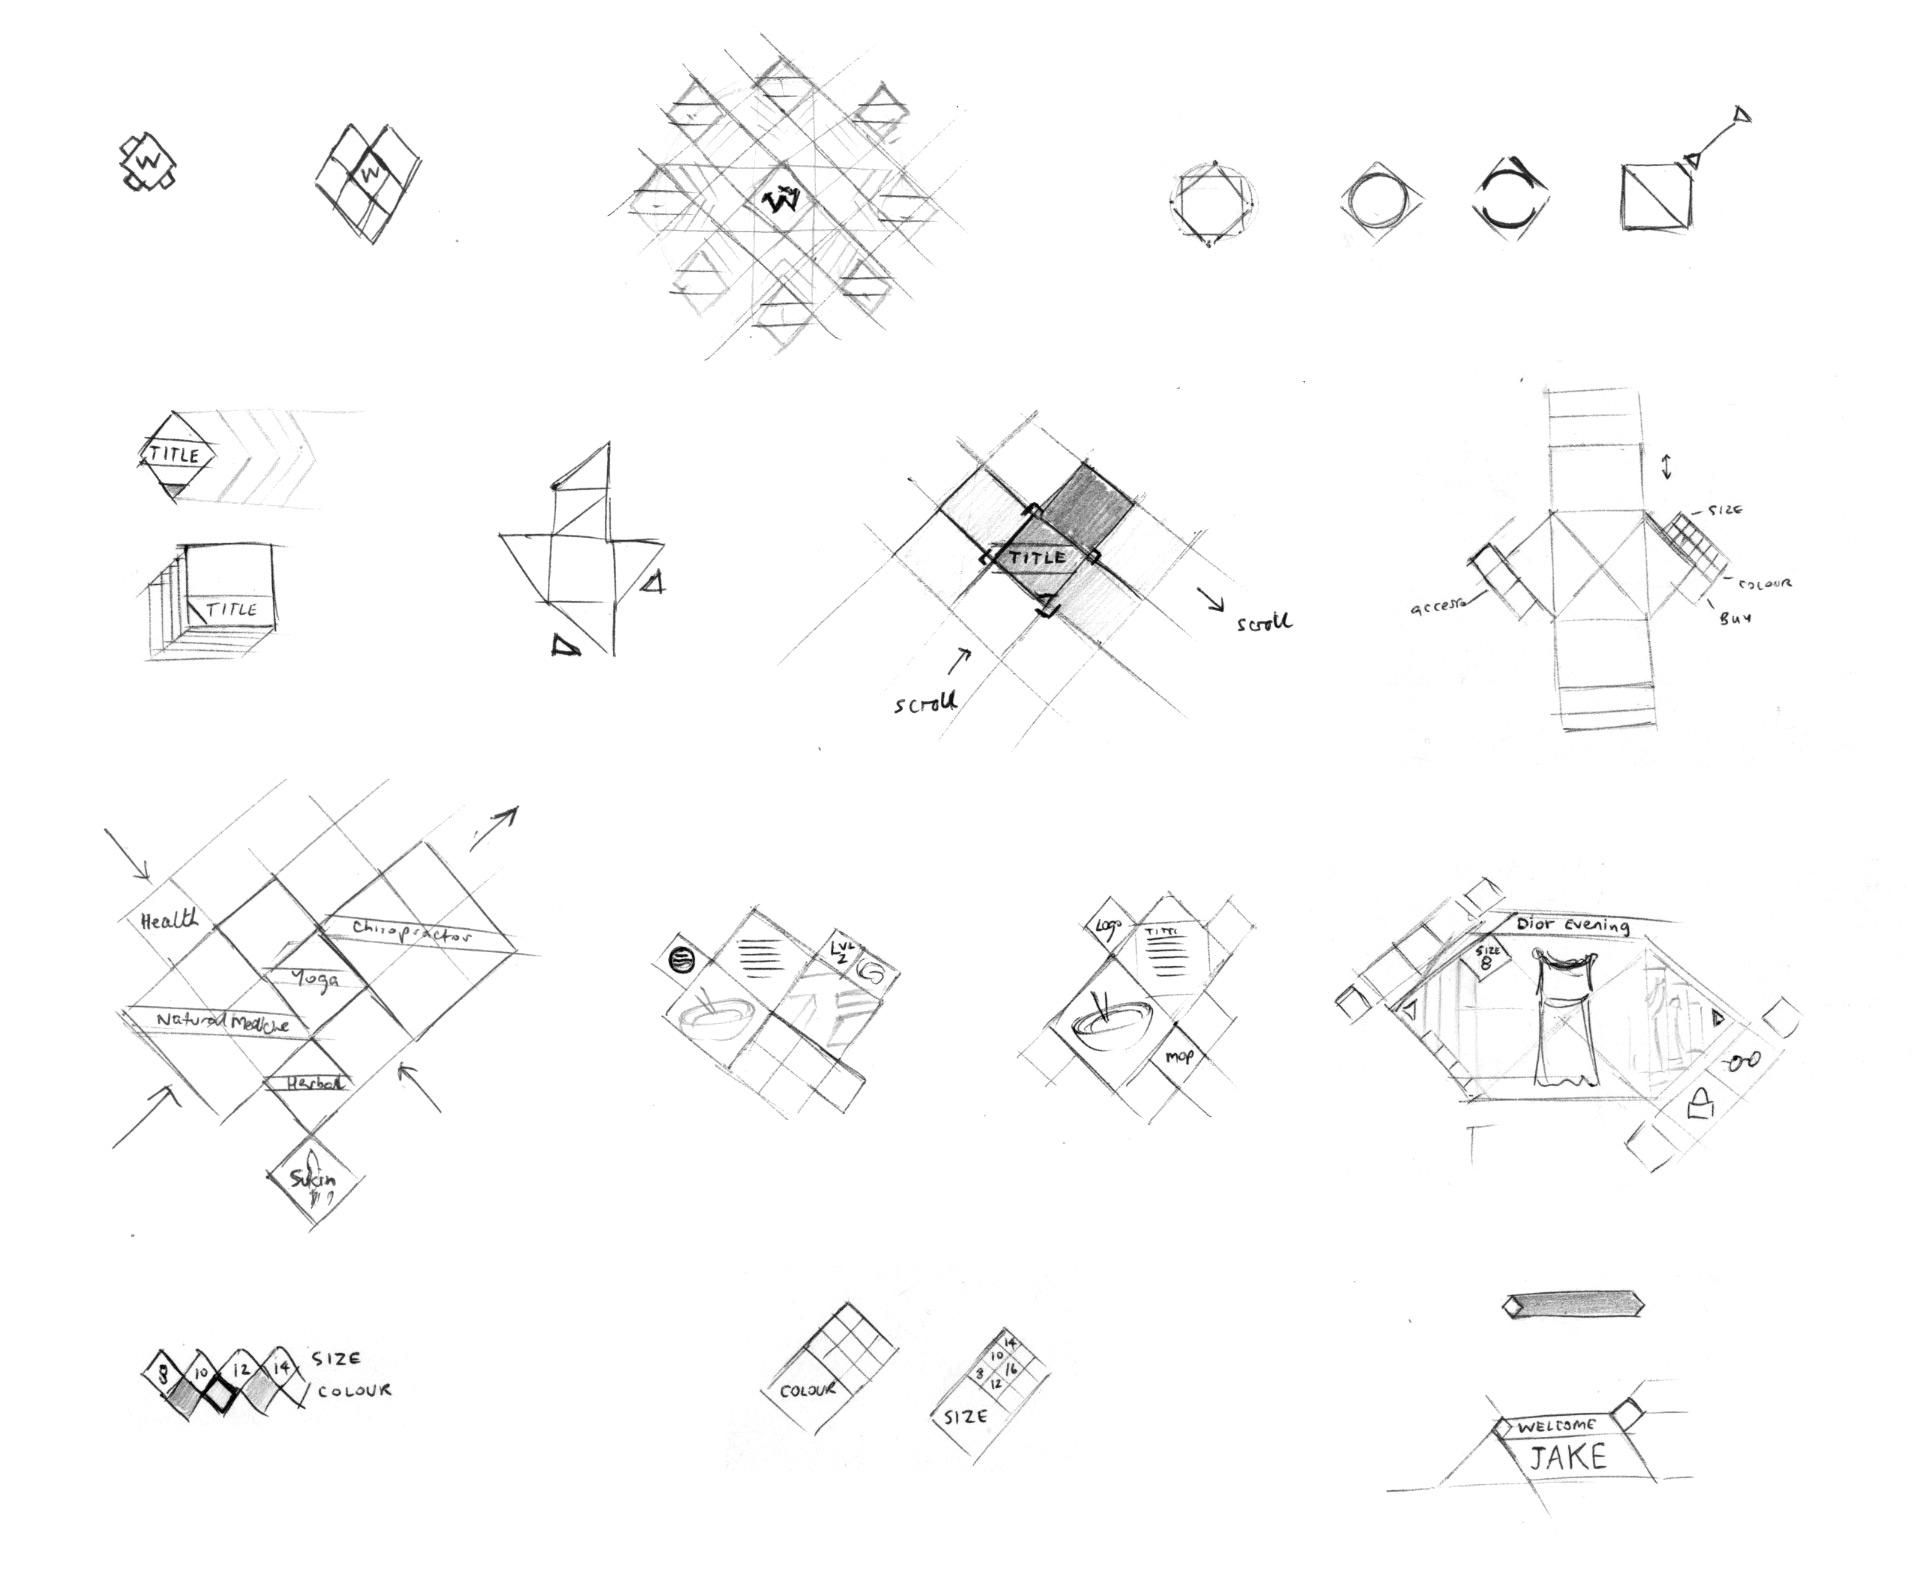 westfield_interface_sketches.jpg